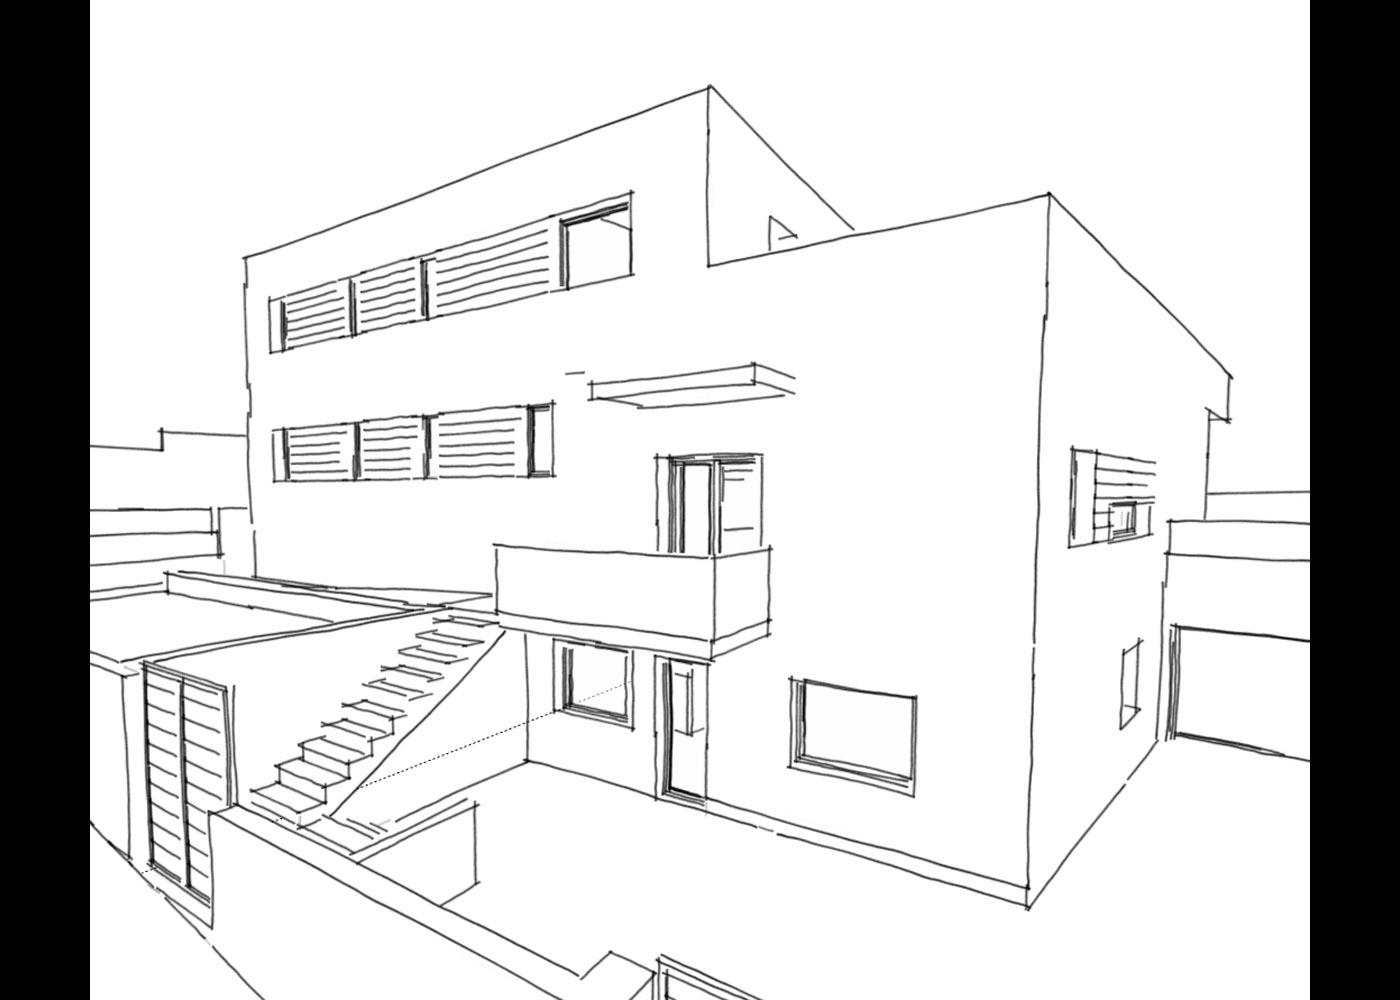 single-family-house-miranda-19-mas-alba-sant-pere-ribes-barcelona-04